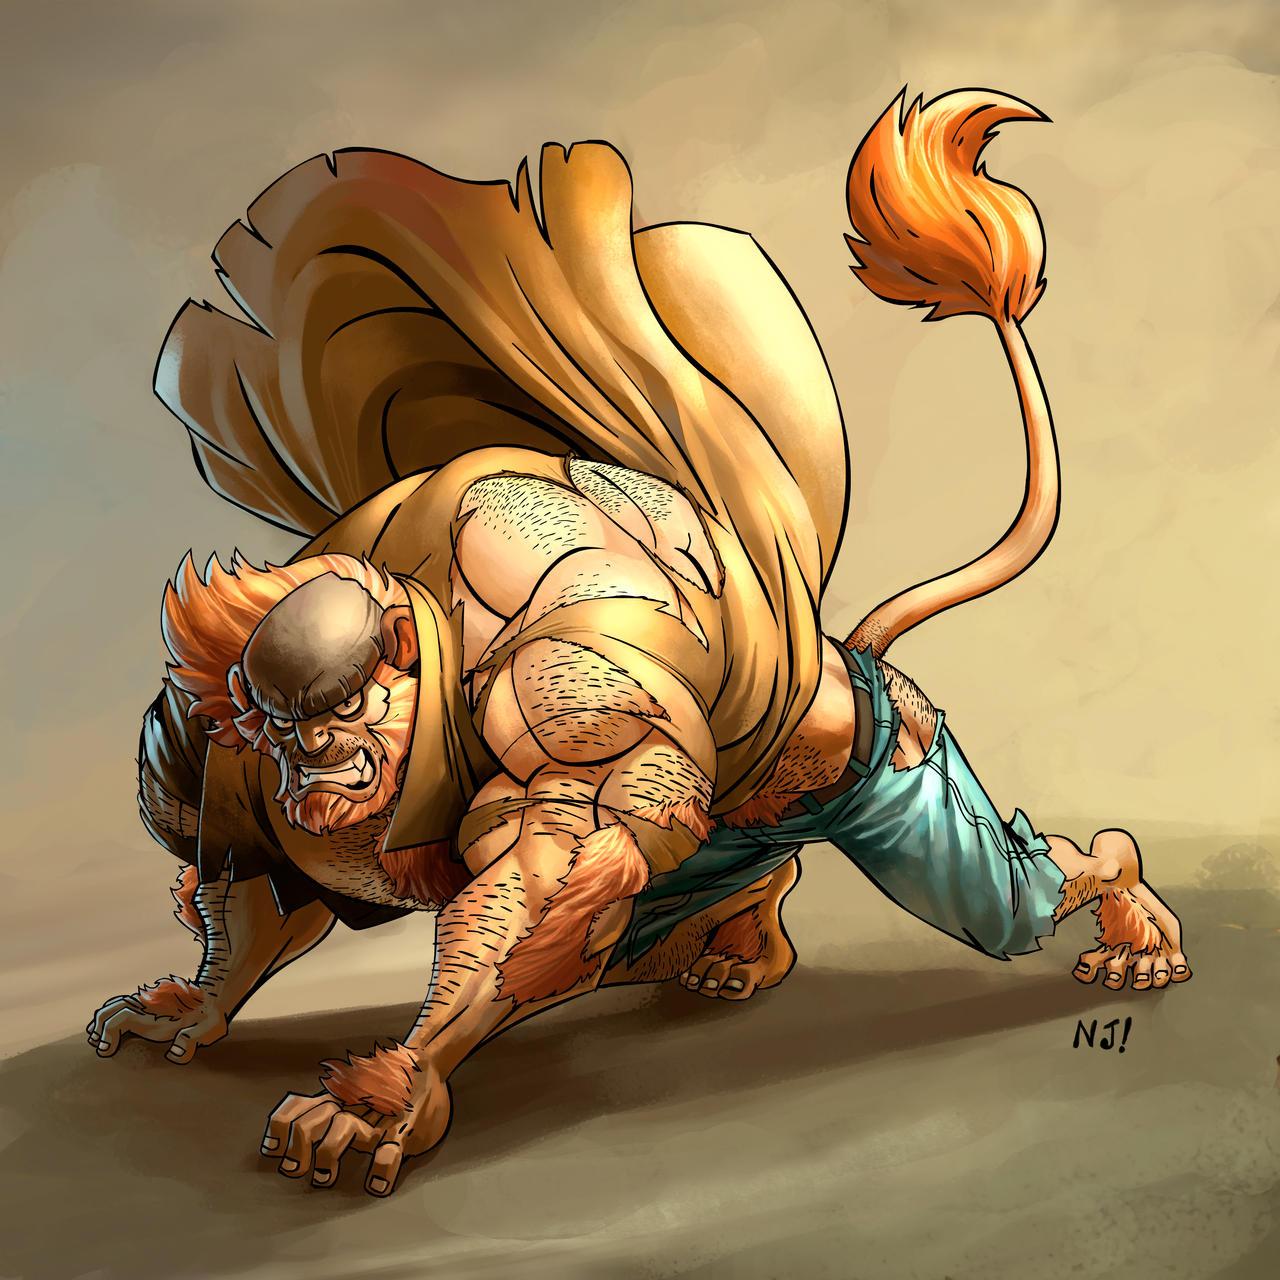 Werewolf vs weretiger - photo#38